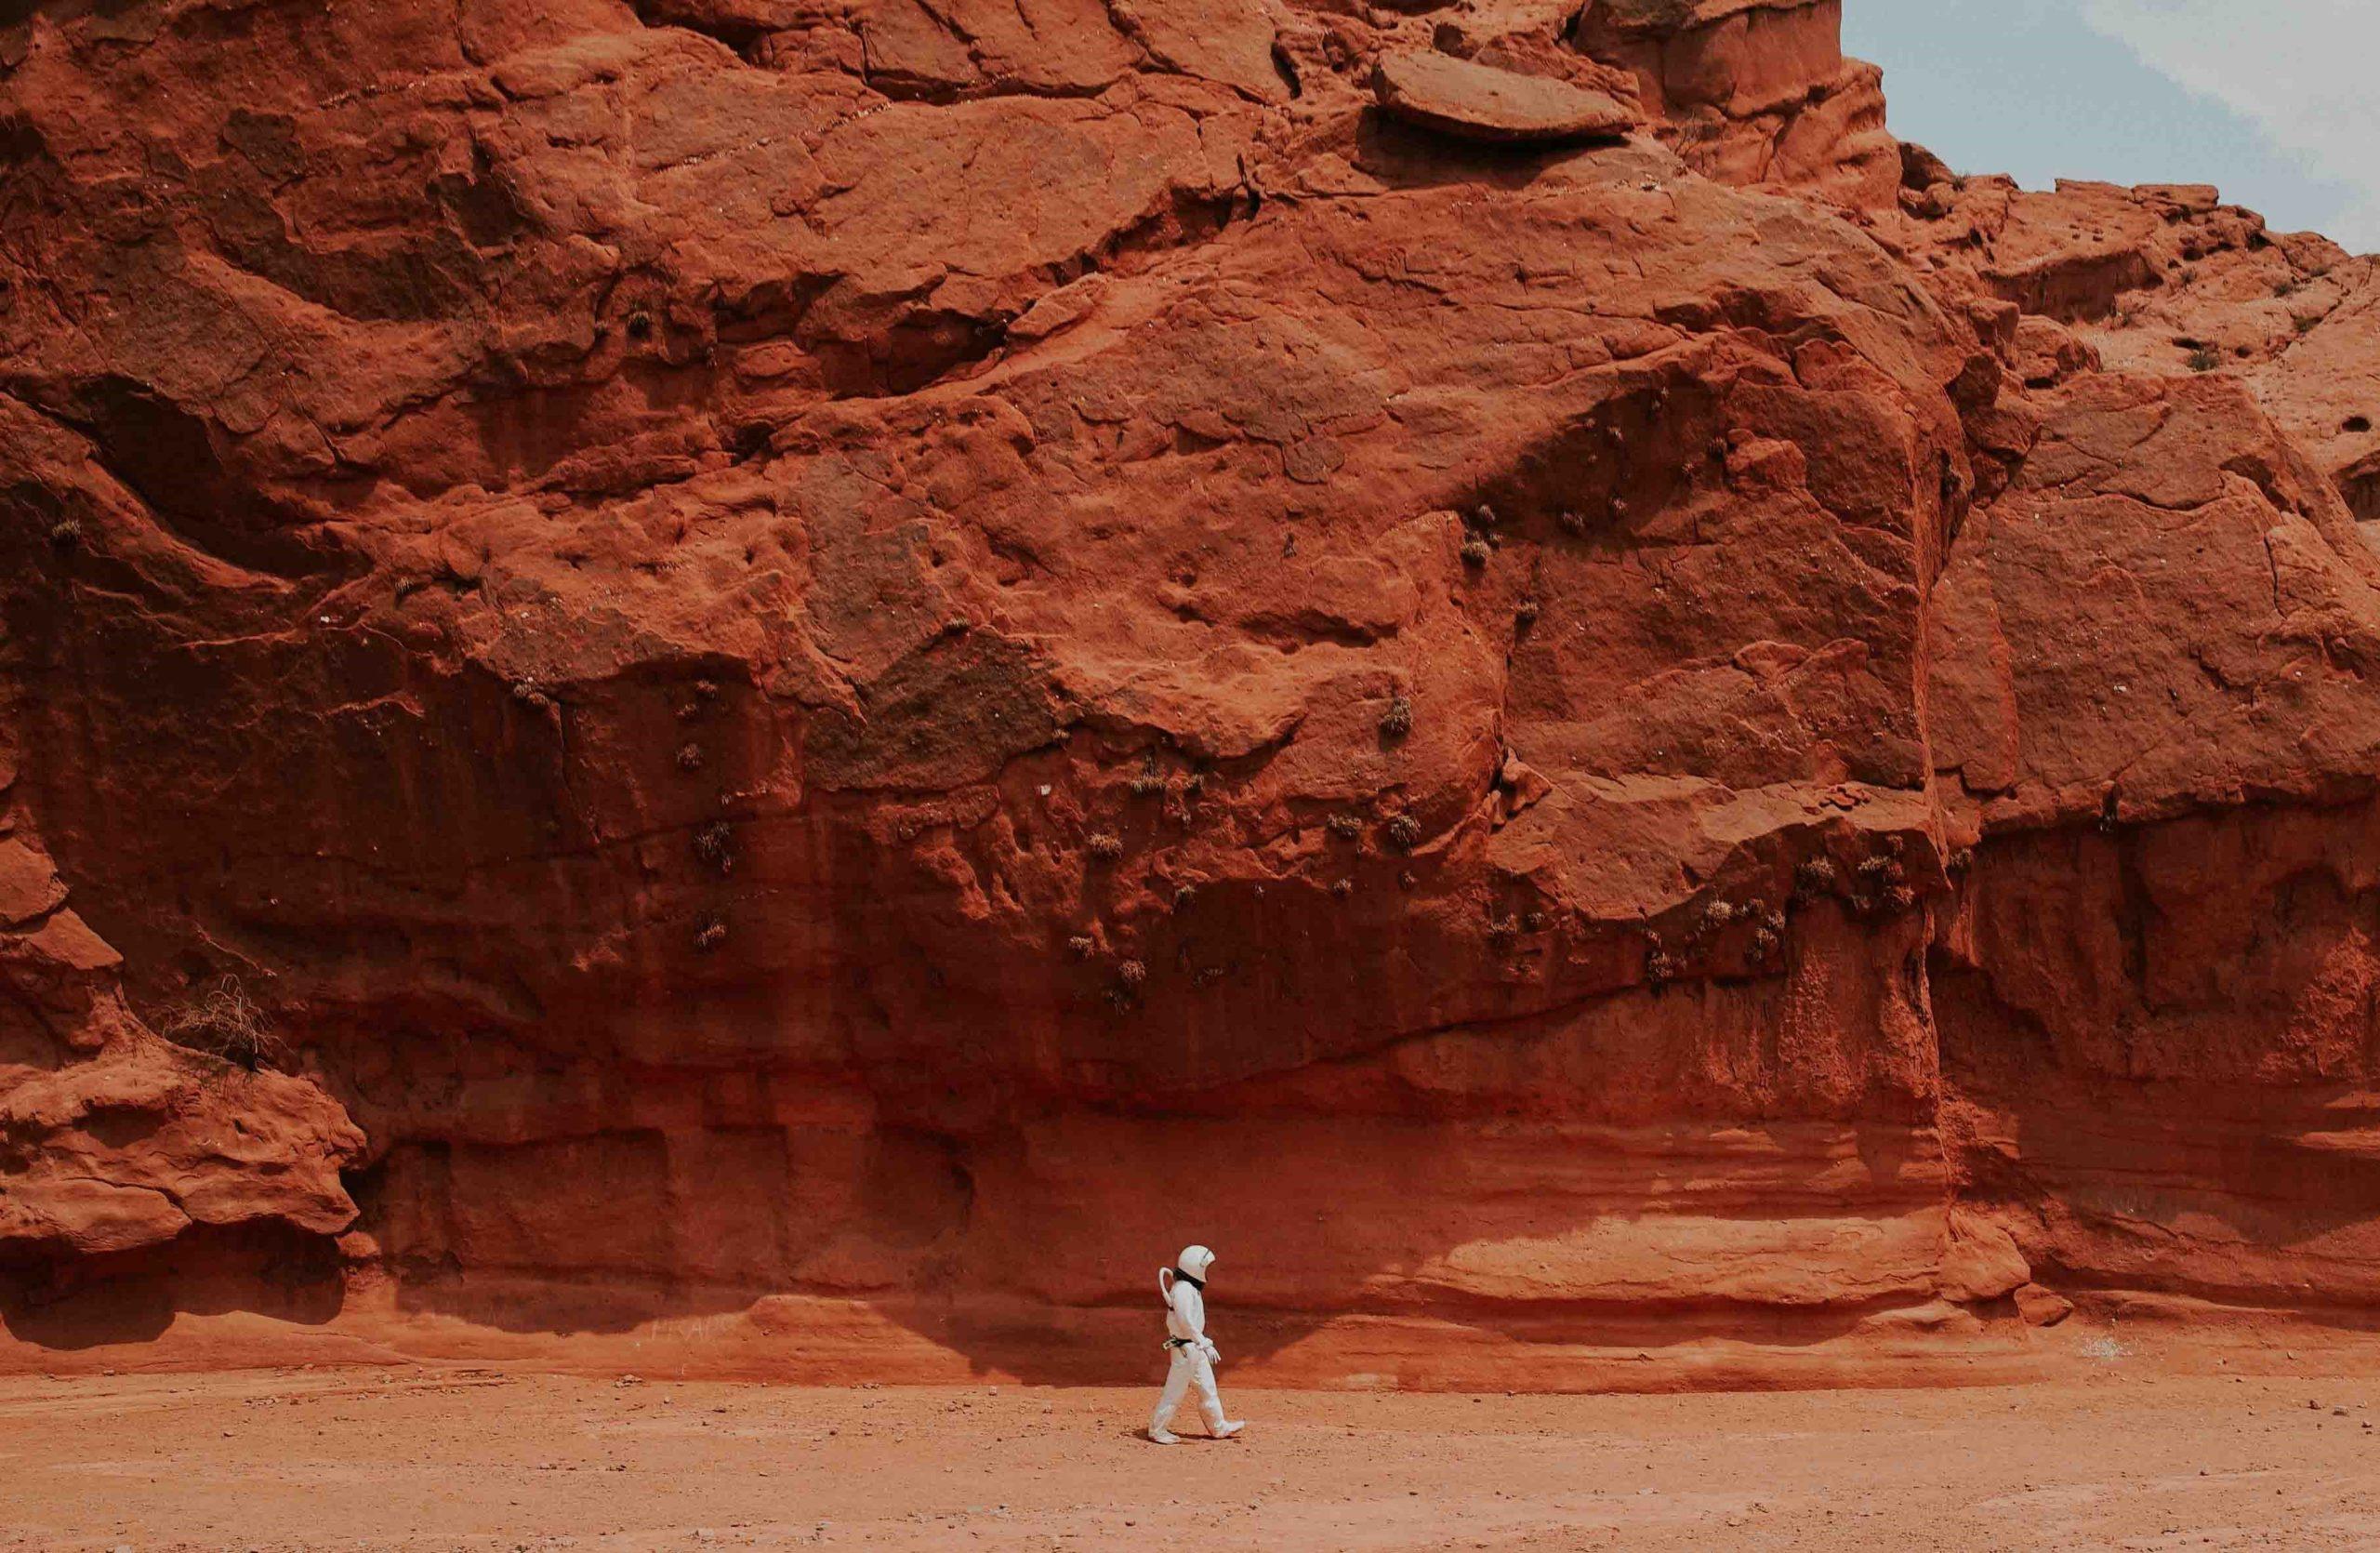 Uomo su Marte, non più un'utopia. Le possibilità dell'ibernazione